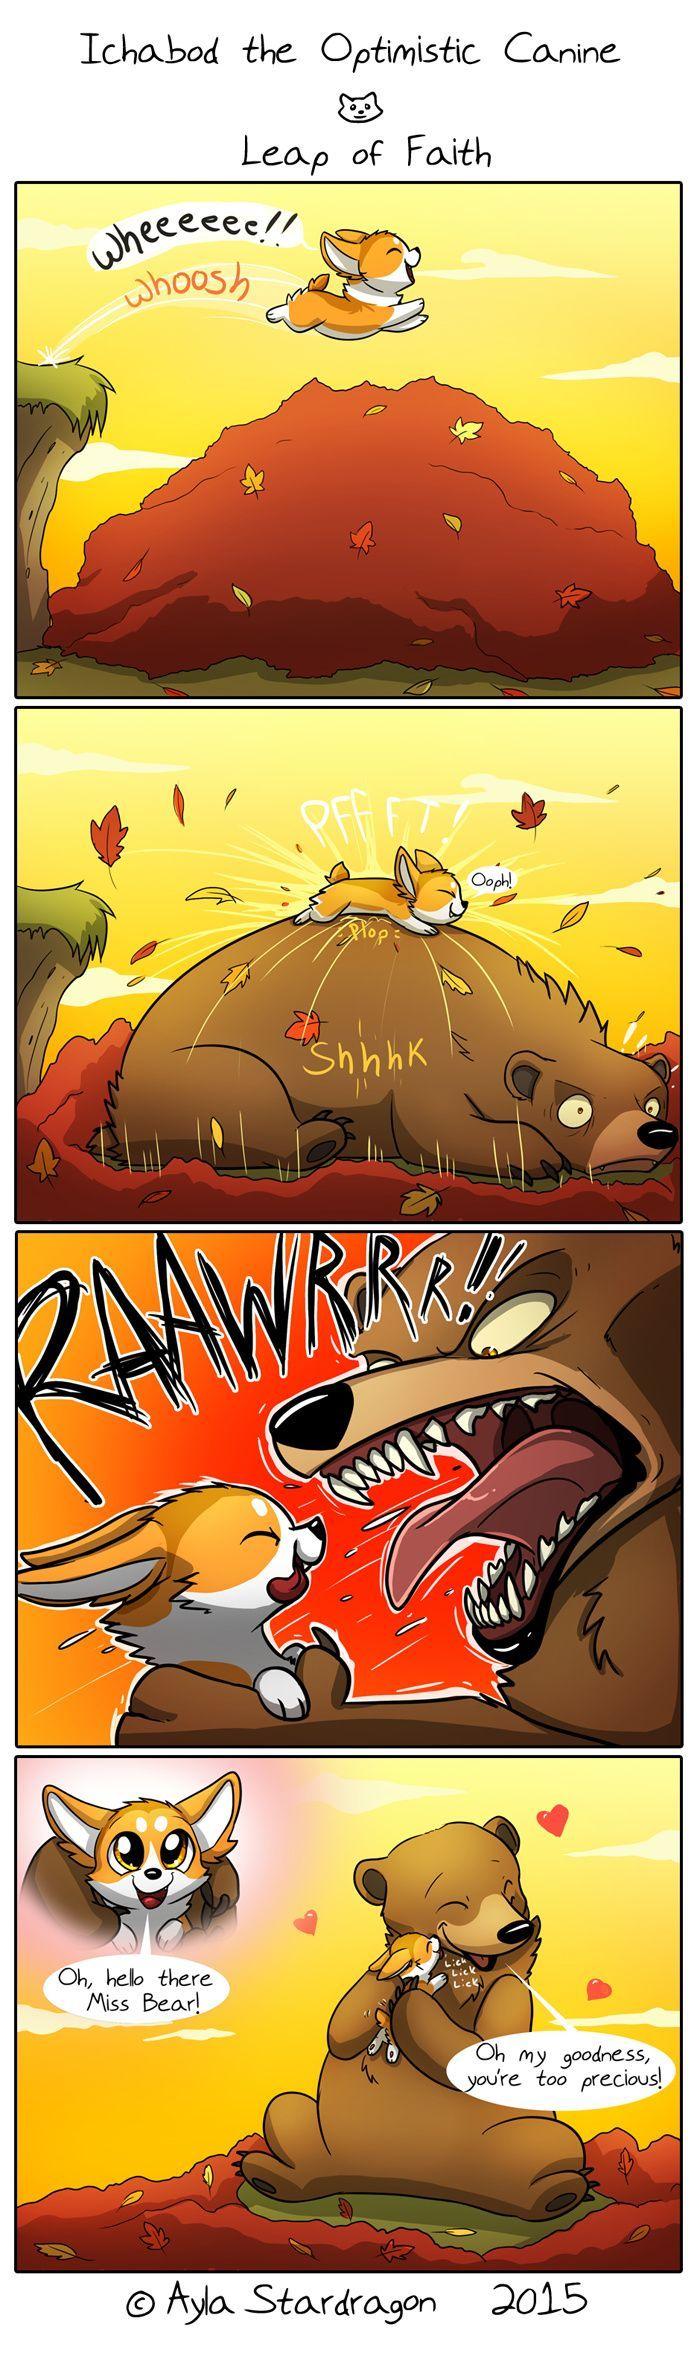 Ichabod the Optimistic Canine :: Leap of Faith | Tapastic Comics - image 1